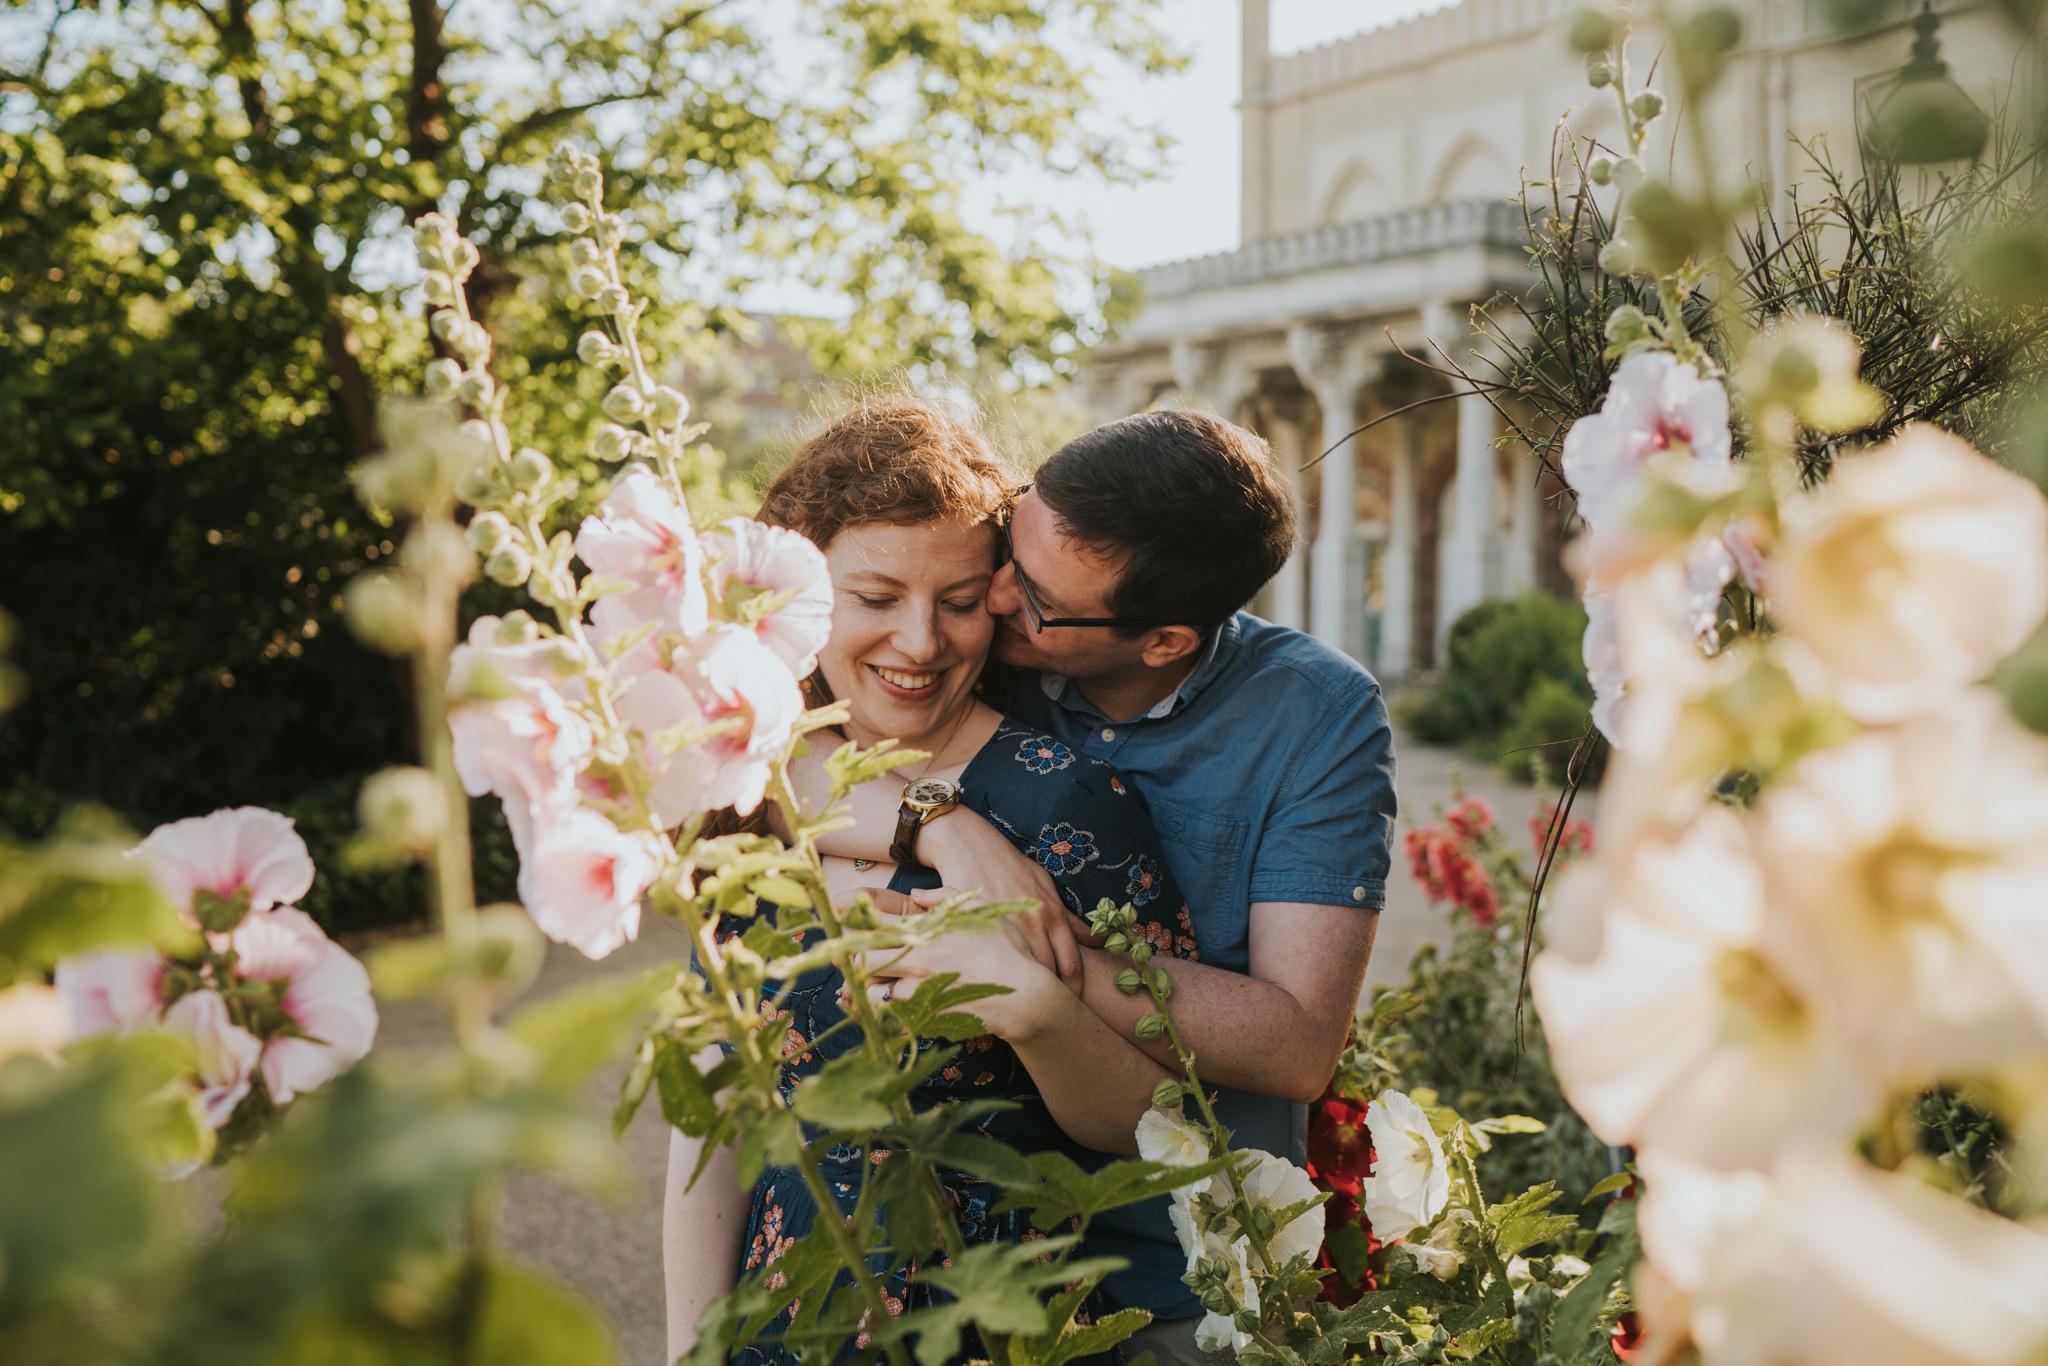 philippa-mark-pre-wedding-session-brighton-pier-colchester-grace-elizabeth-colchester-essex-alternative-wedding-lifestyle-photographer-essex-suffolk-norfolk-devon-35.jpg